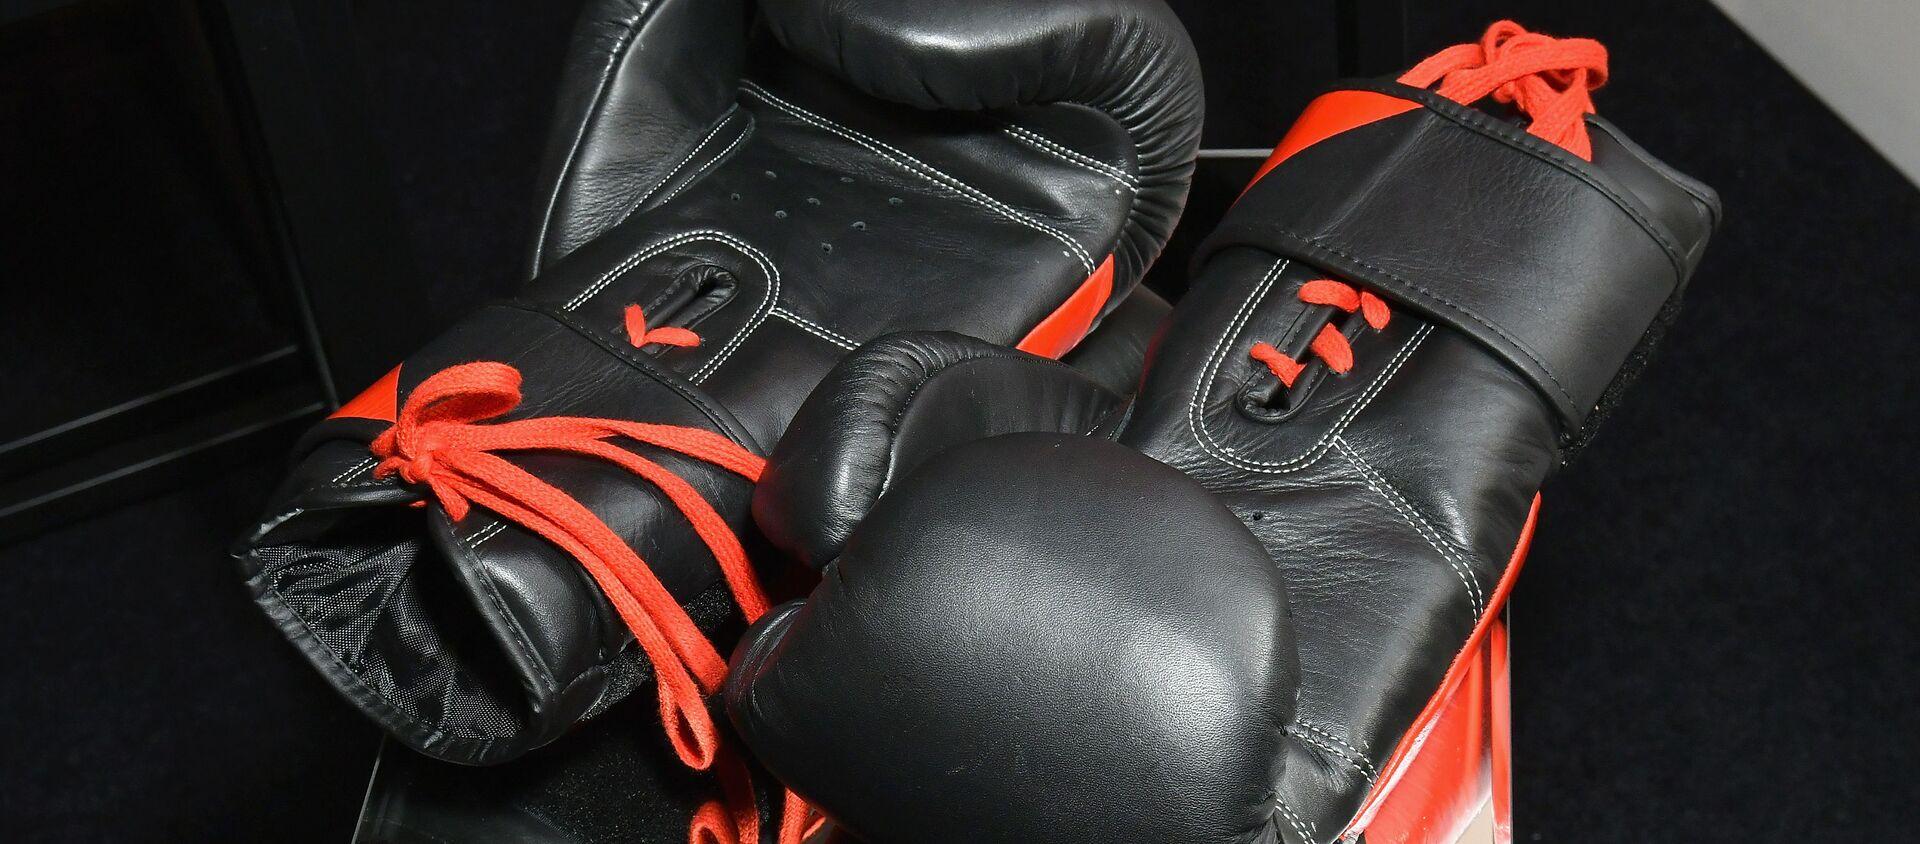 Боксерские перчатки  - Sputnik Аҧсны, 1920, 18.05.2021